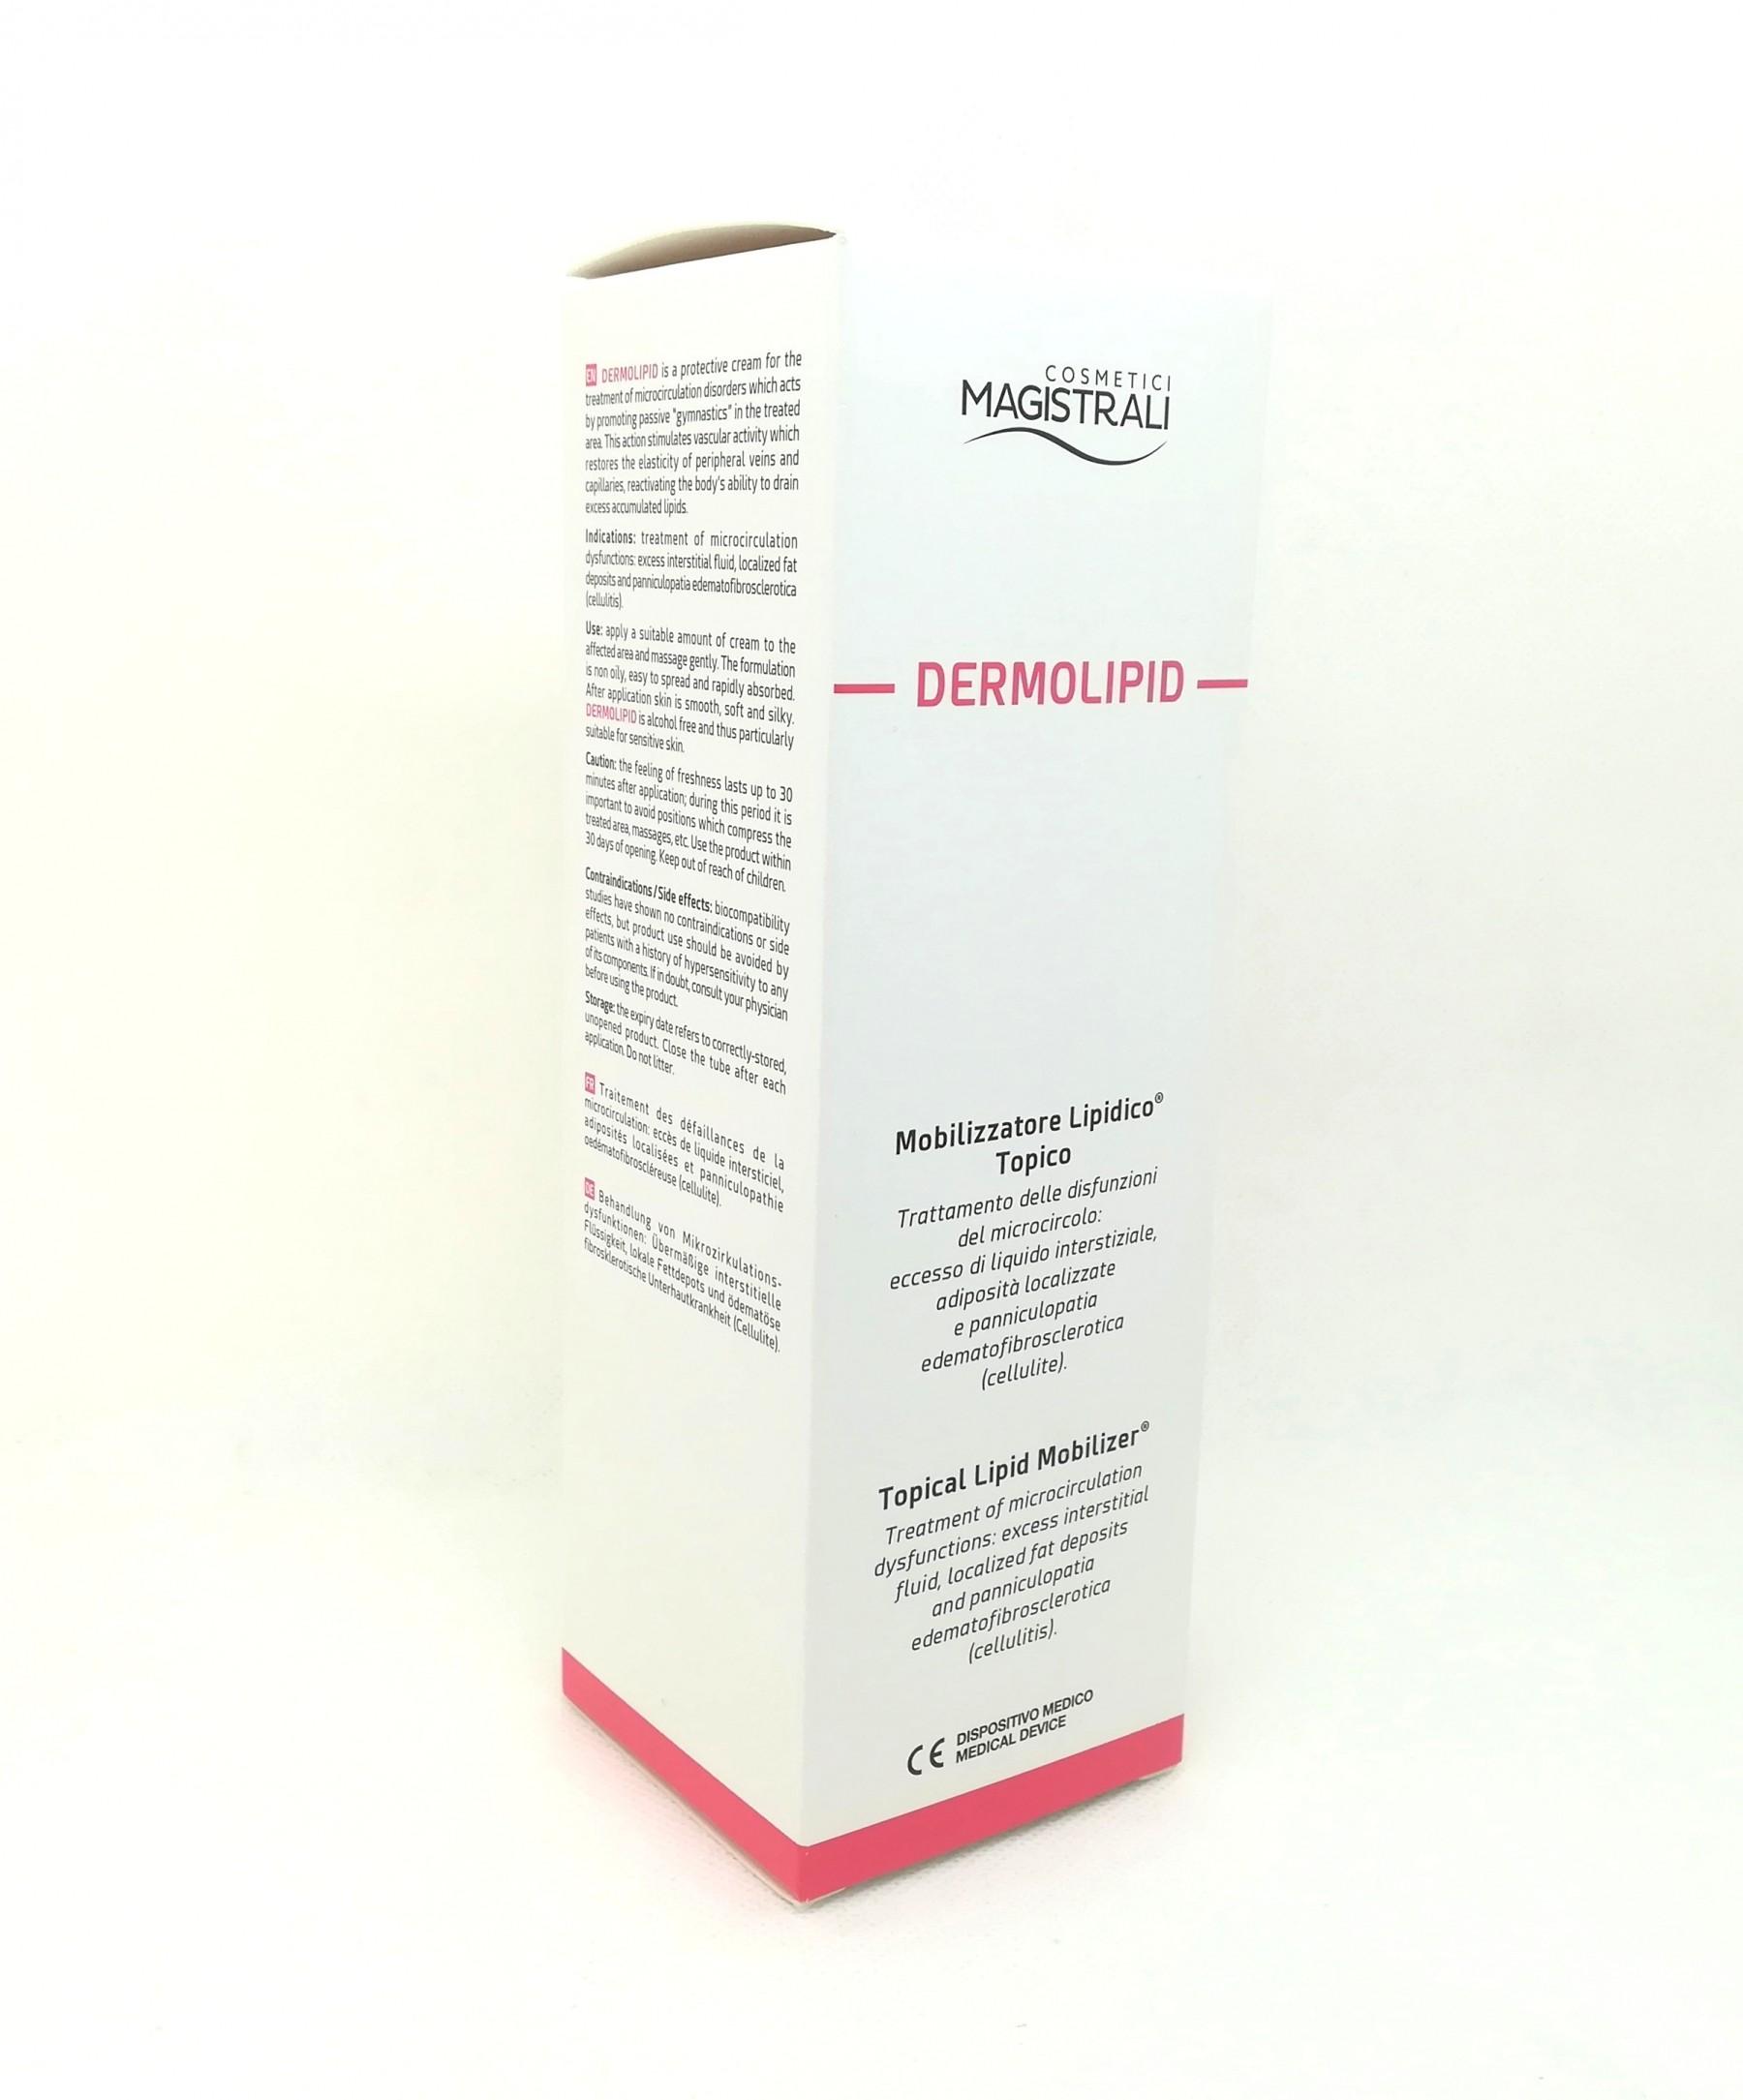 Dermolipid crema mobilizzatrice lipidica topica 200 ml